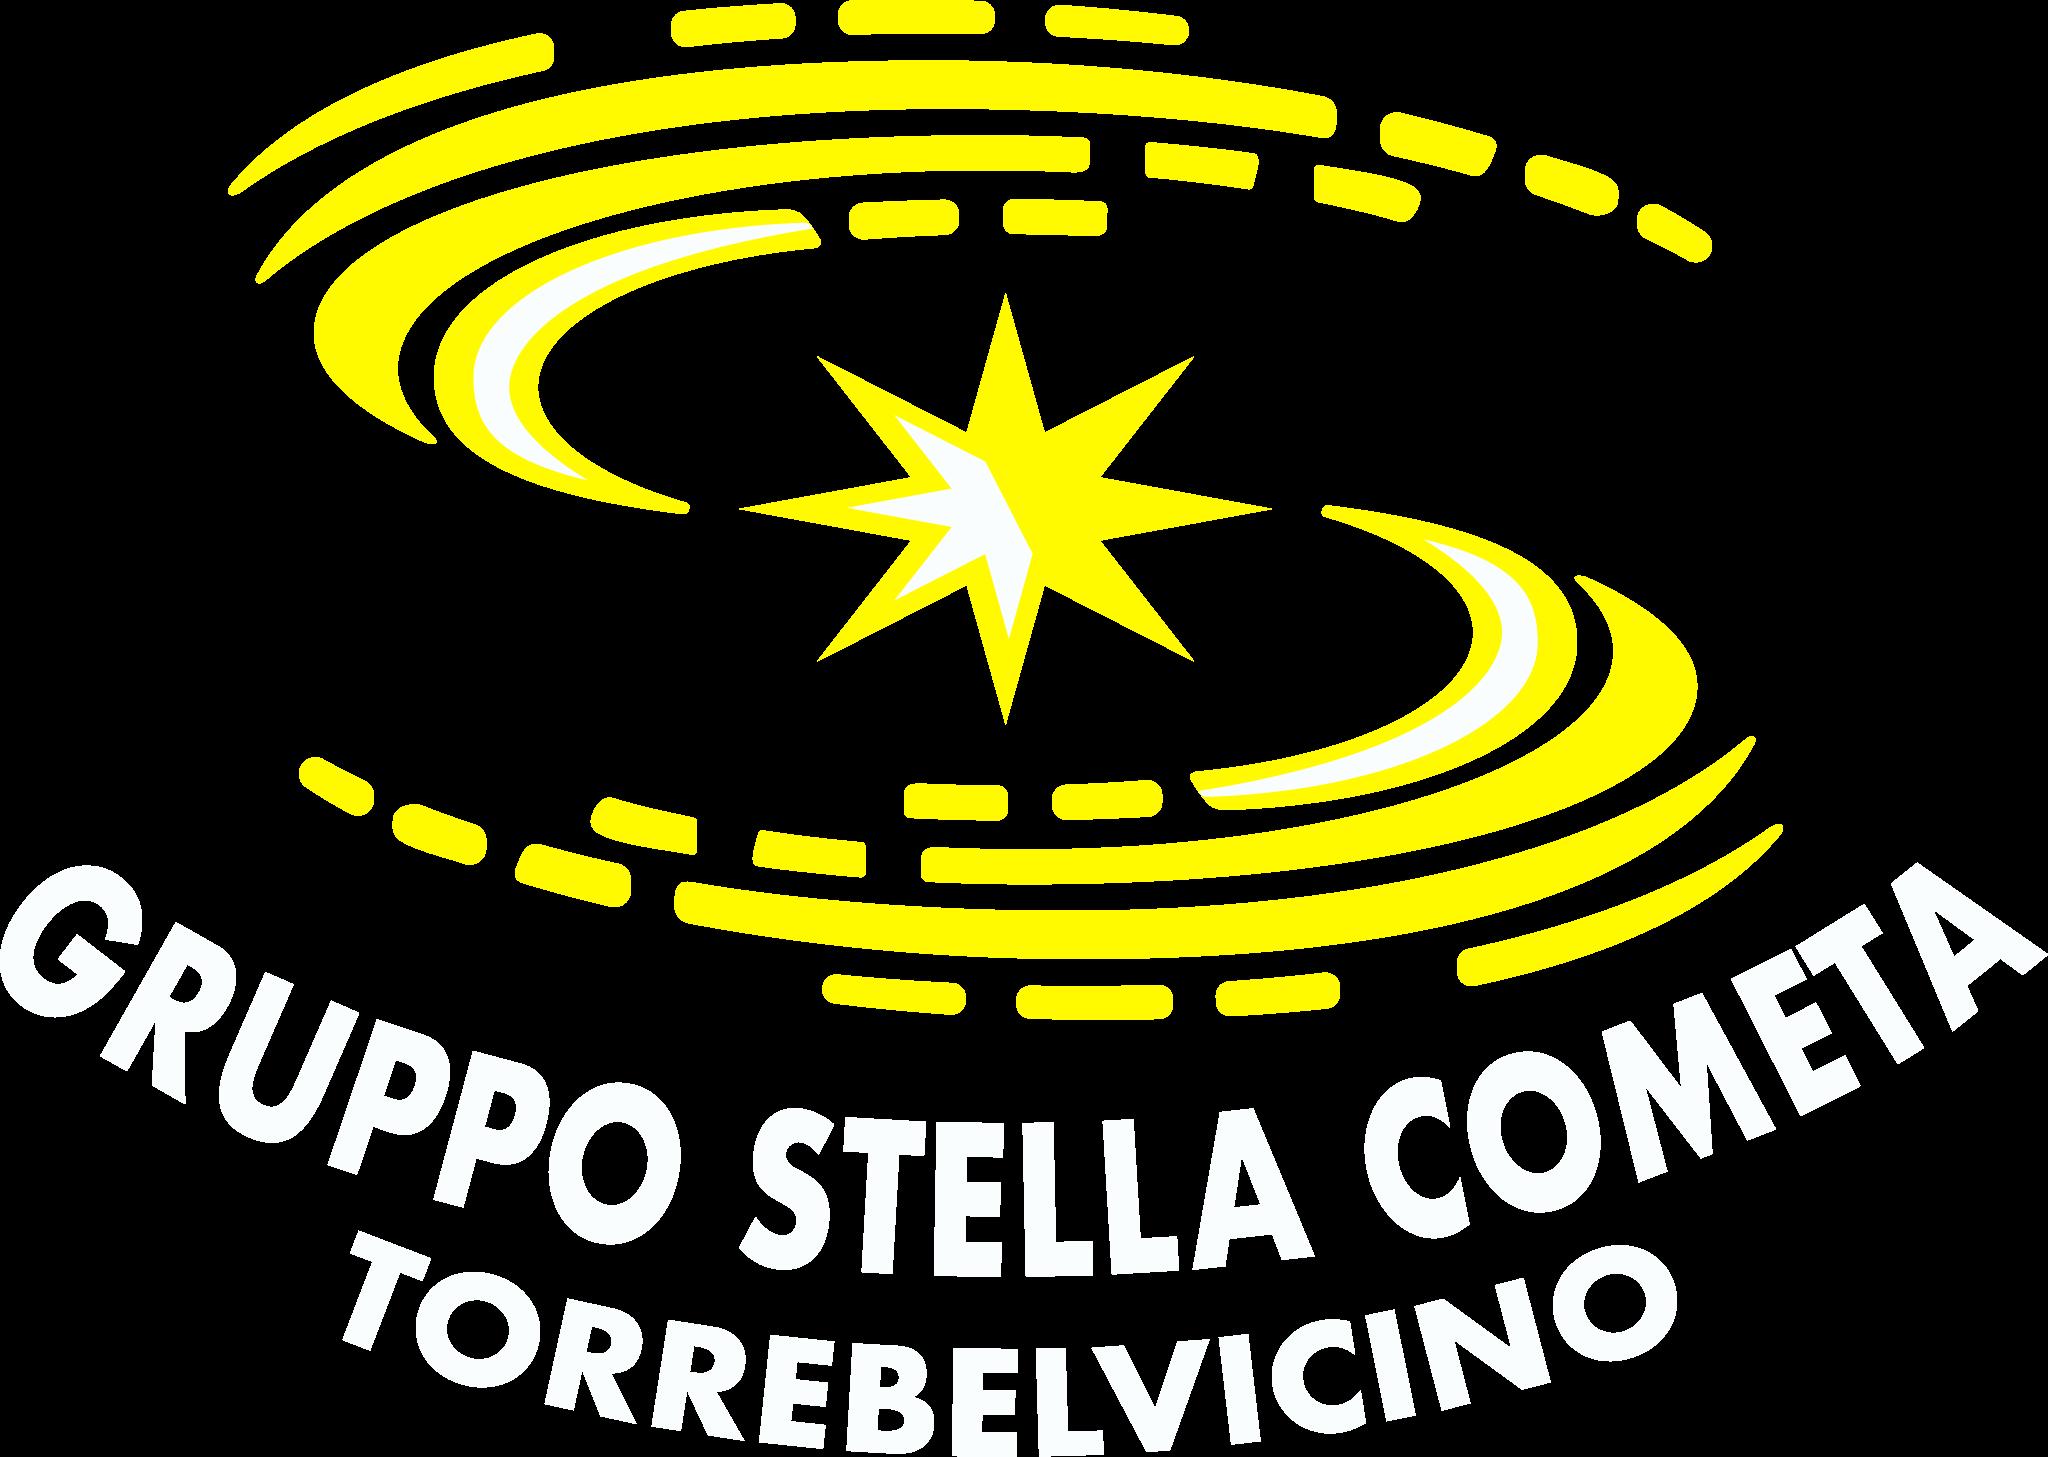 Gruppo Stella Cometa